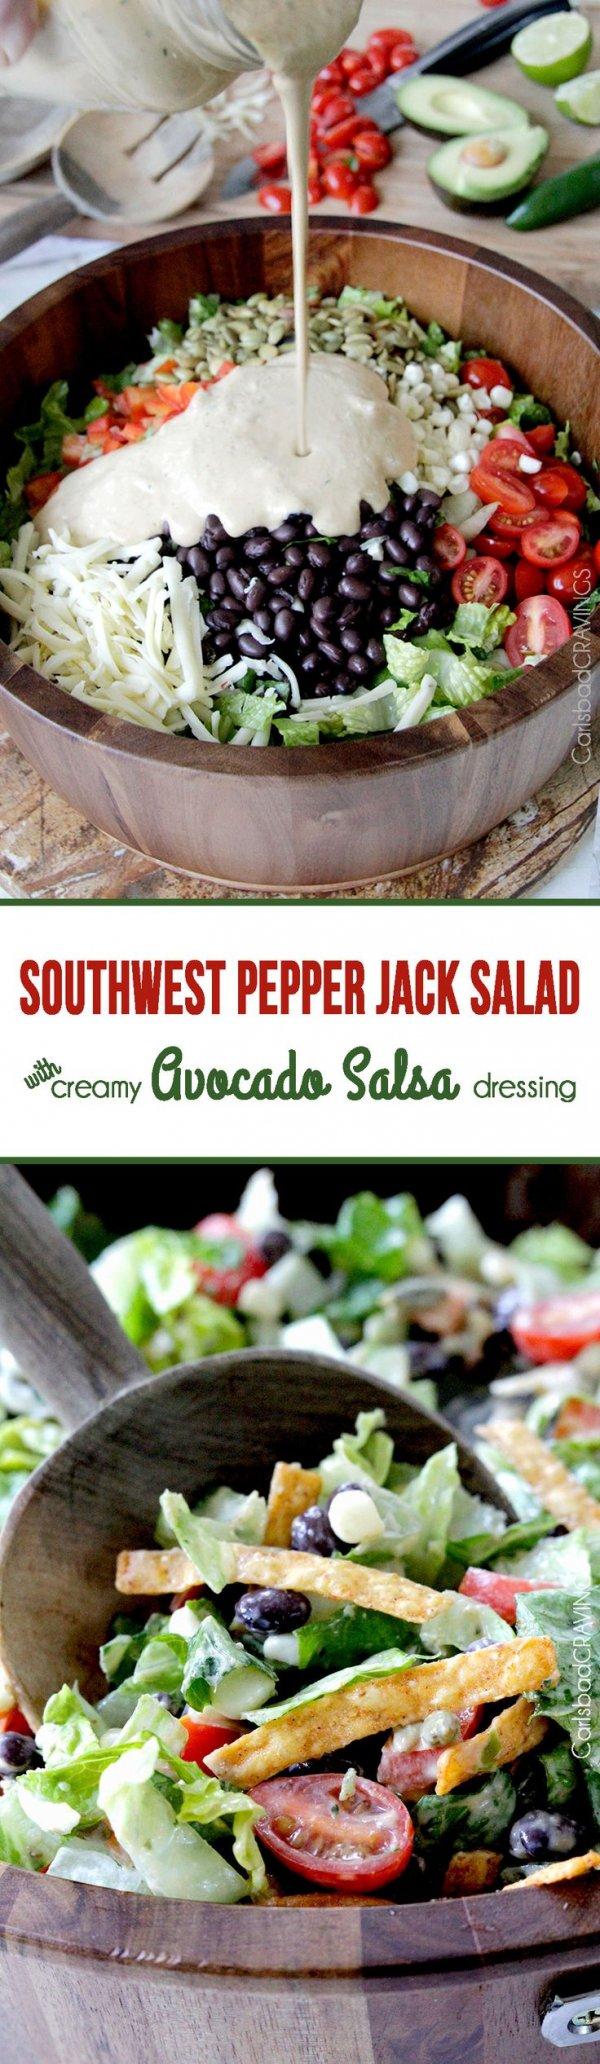 Southwest Pepper Jack Salad